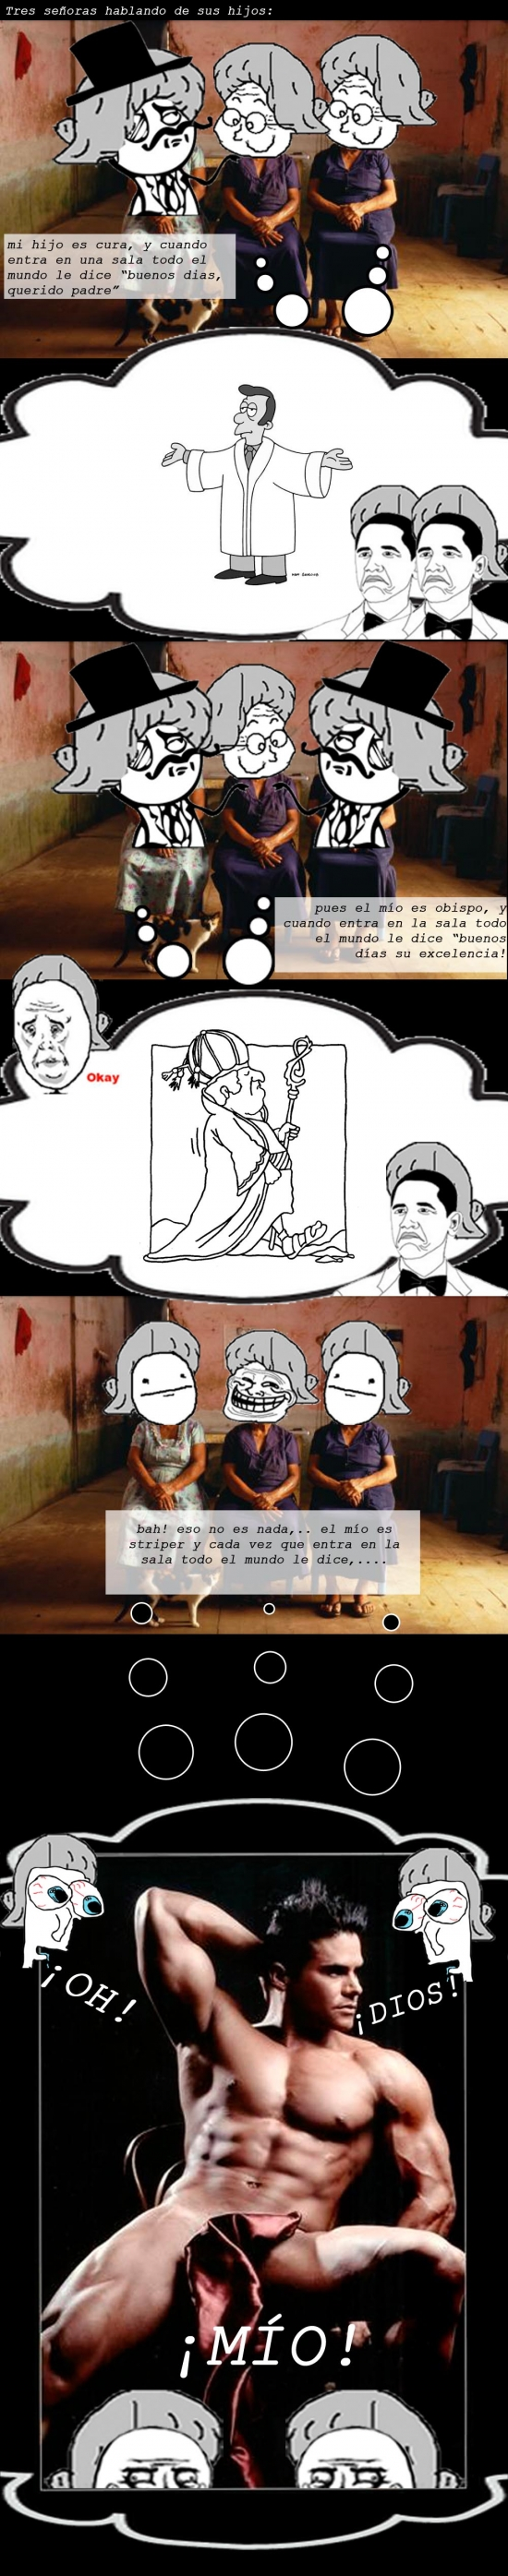 Trollface - Señoras hablando de sus hijos